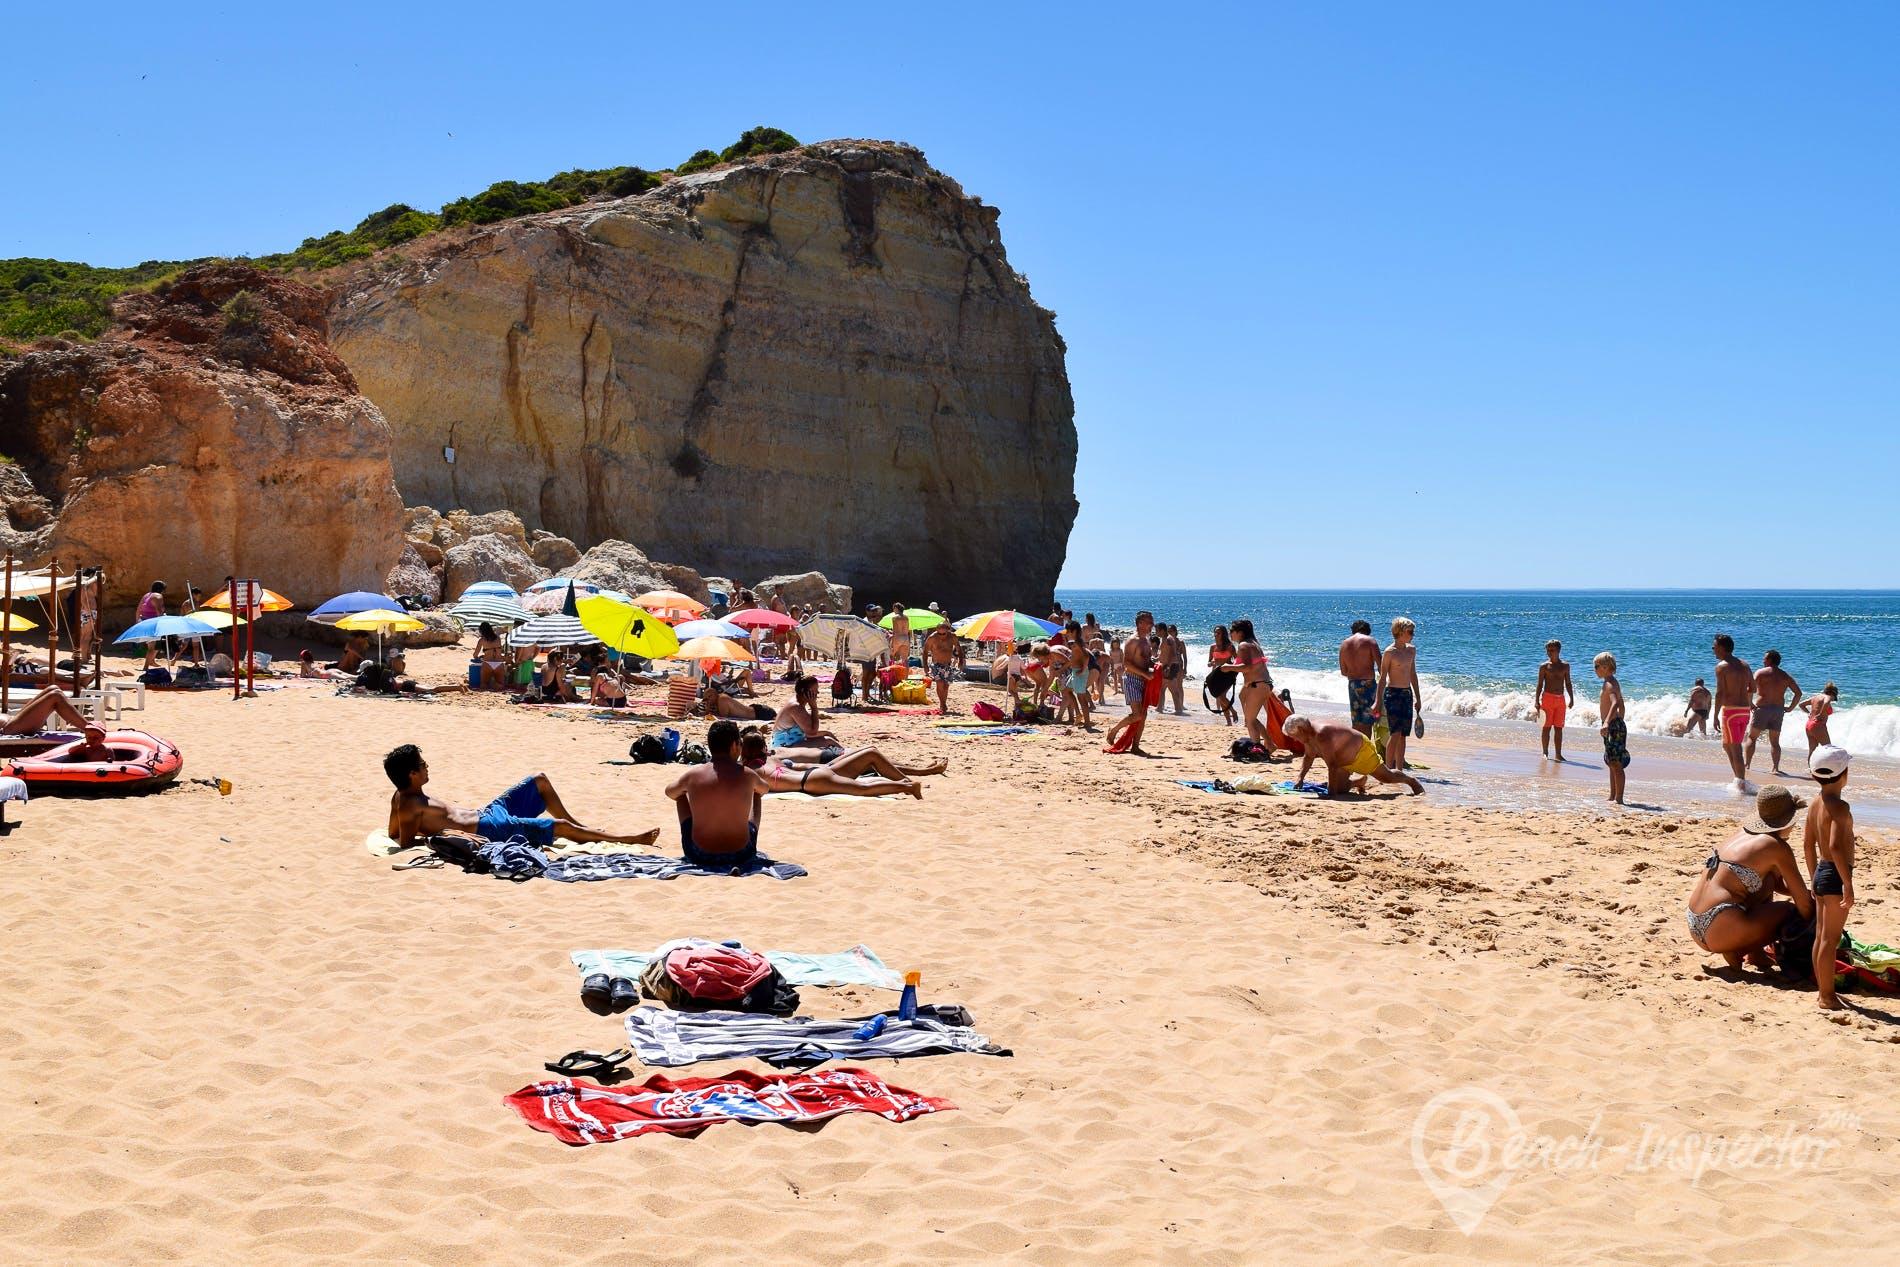 Beach Praia dos Caneiros, Algarve, Portugal